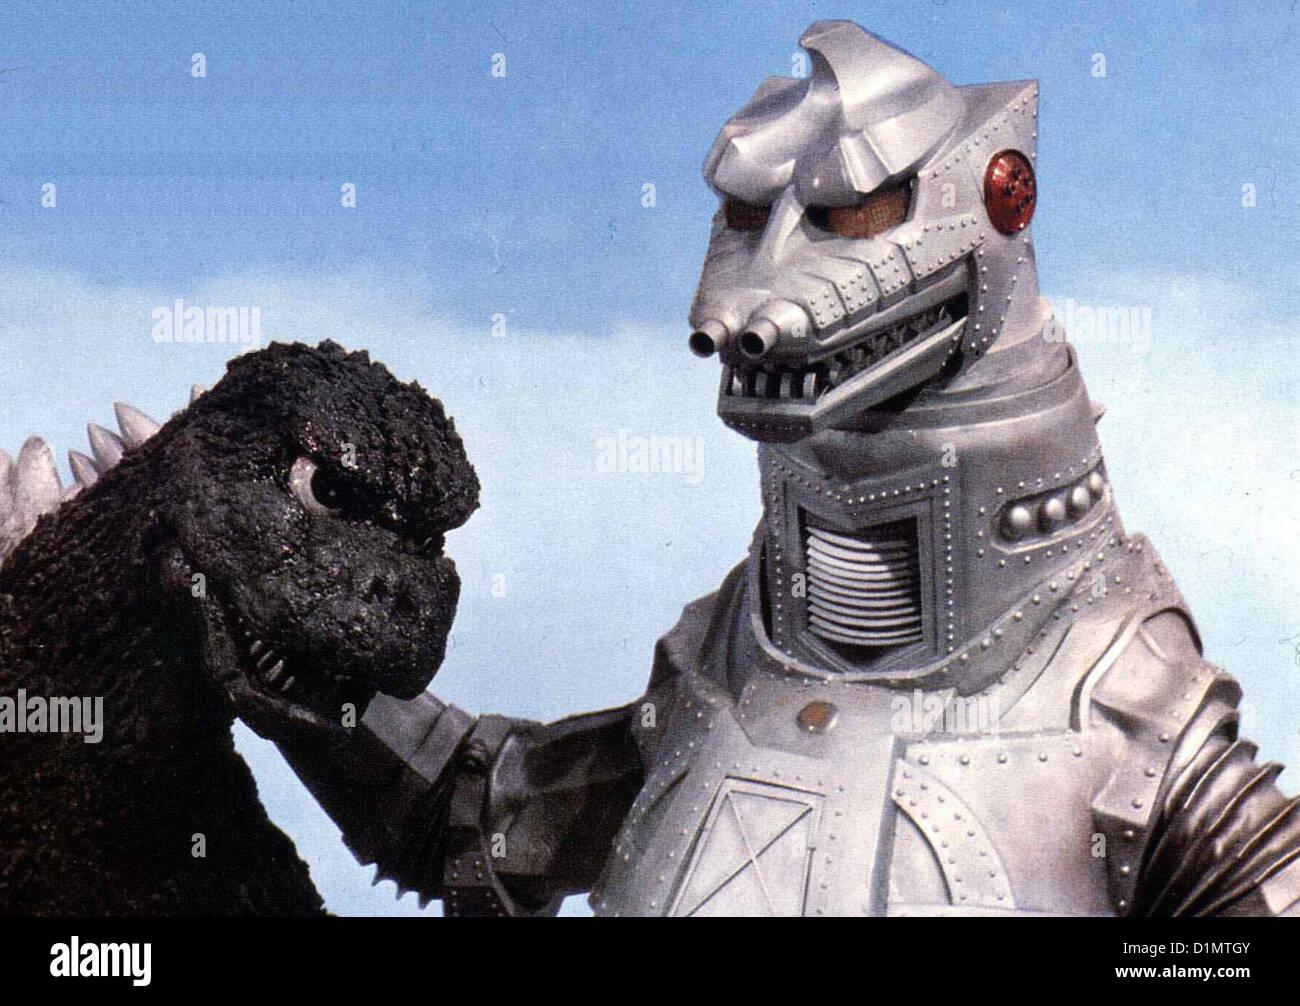 King Kong Gegen Godzilla  Gojira Tai Mekagojira  Der Roboter King Kong, der von Ausserirdischen ferngesteuert wird, - Stock Image